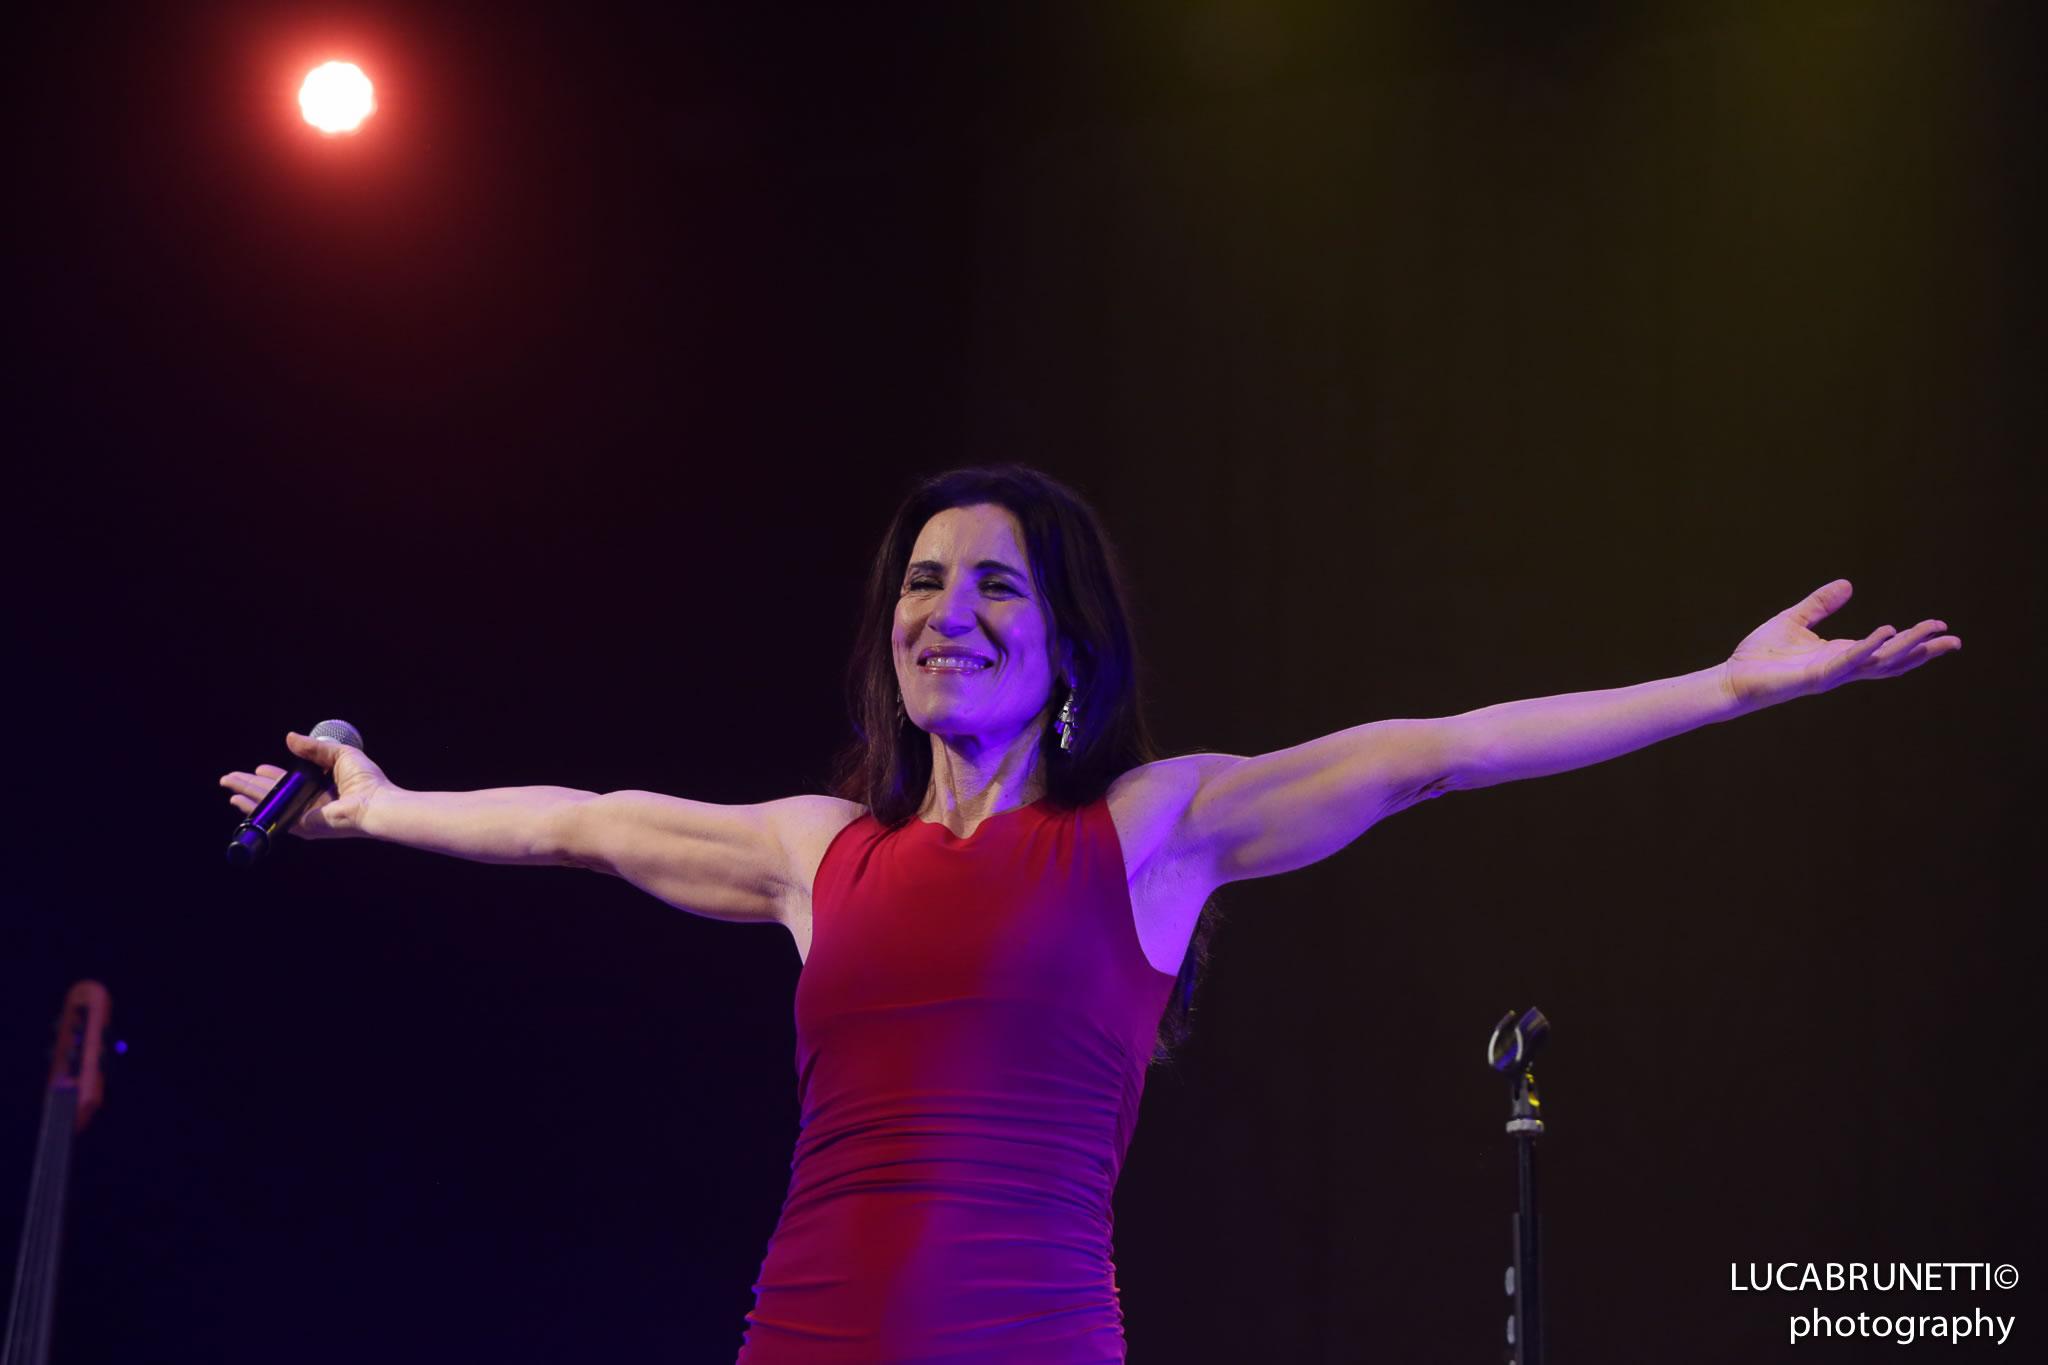 Paola Turci Il Secondo Cuore Reggio Emilia Live